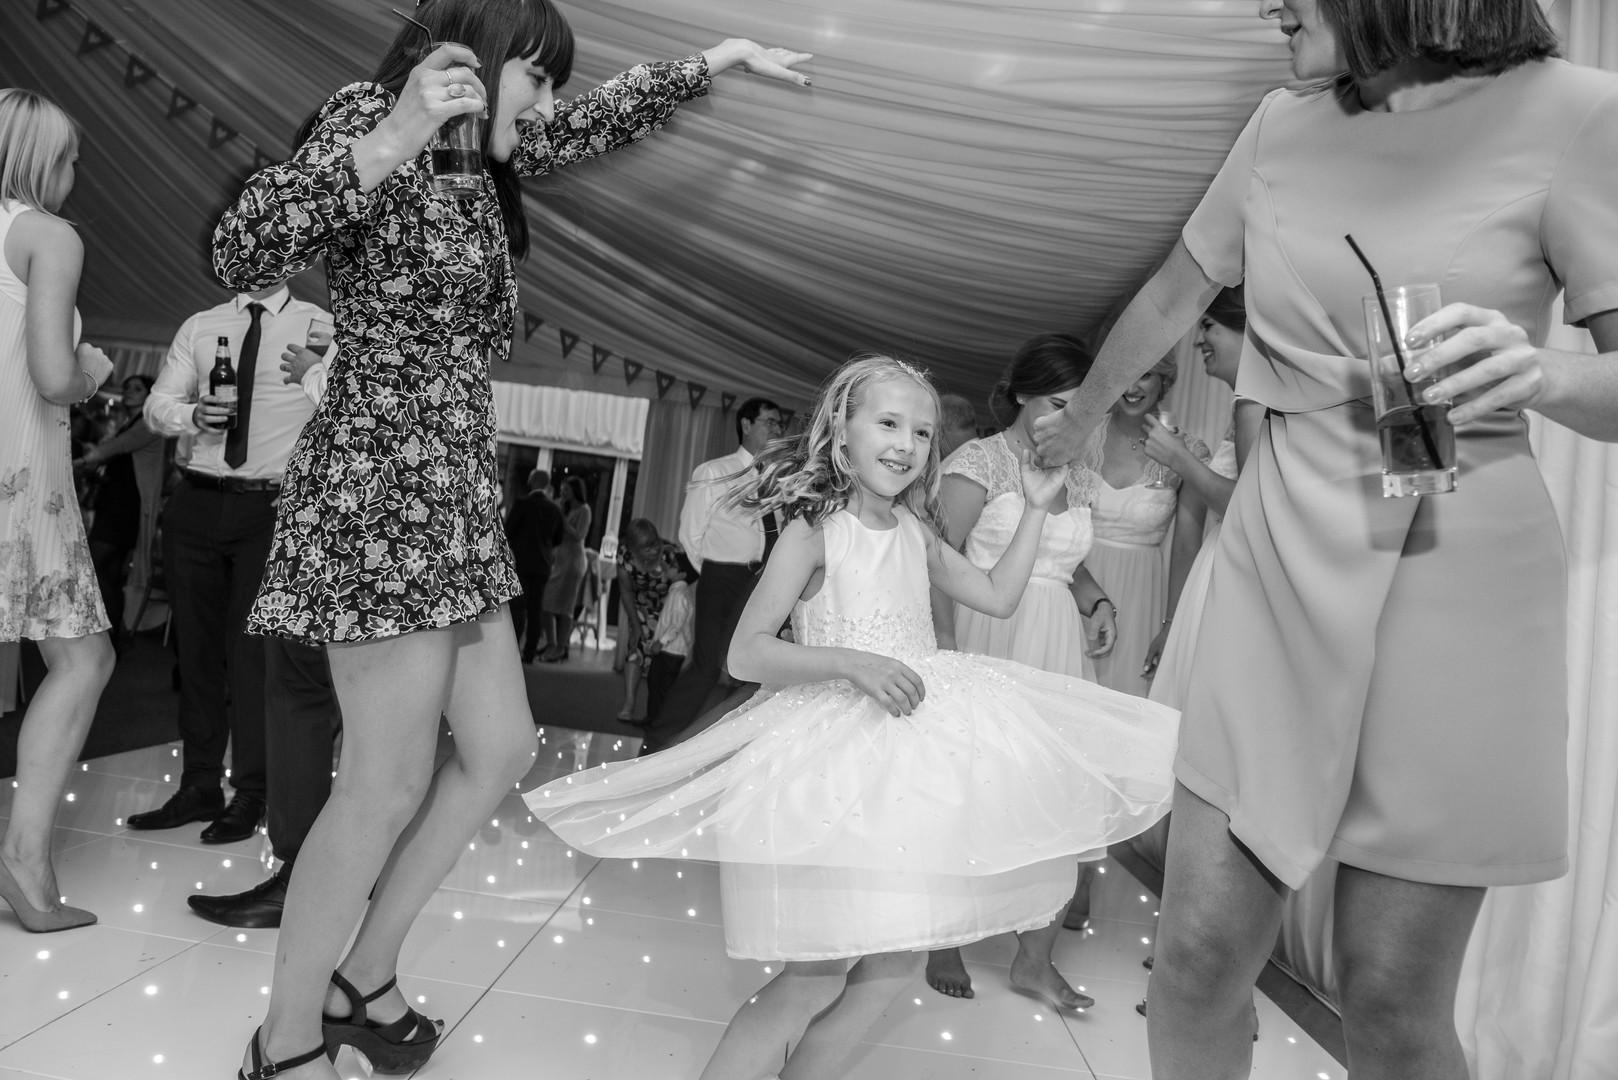 Girl twils on the dance floor